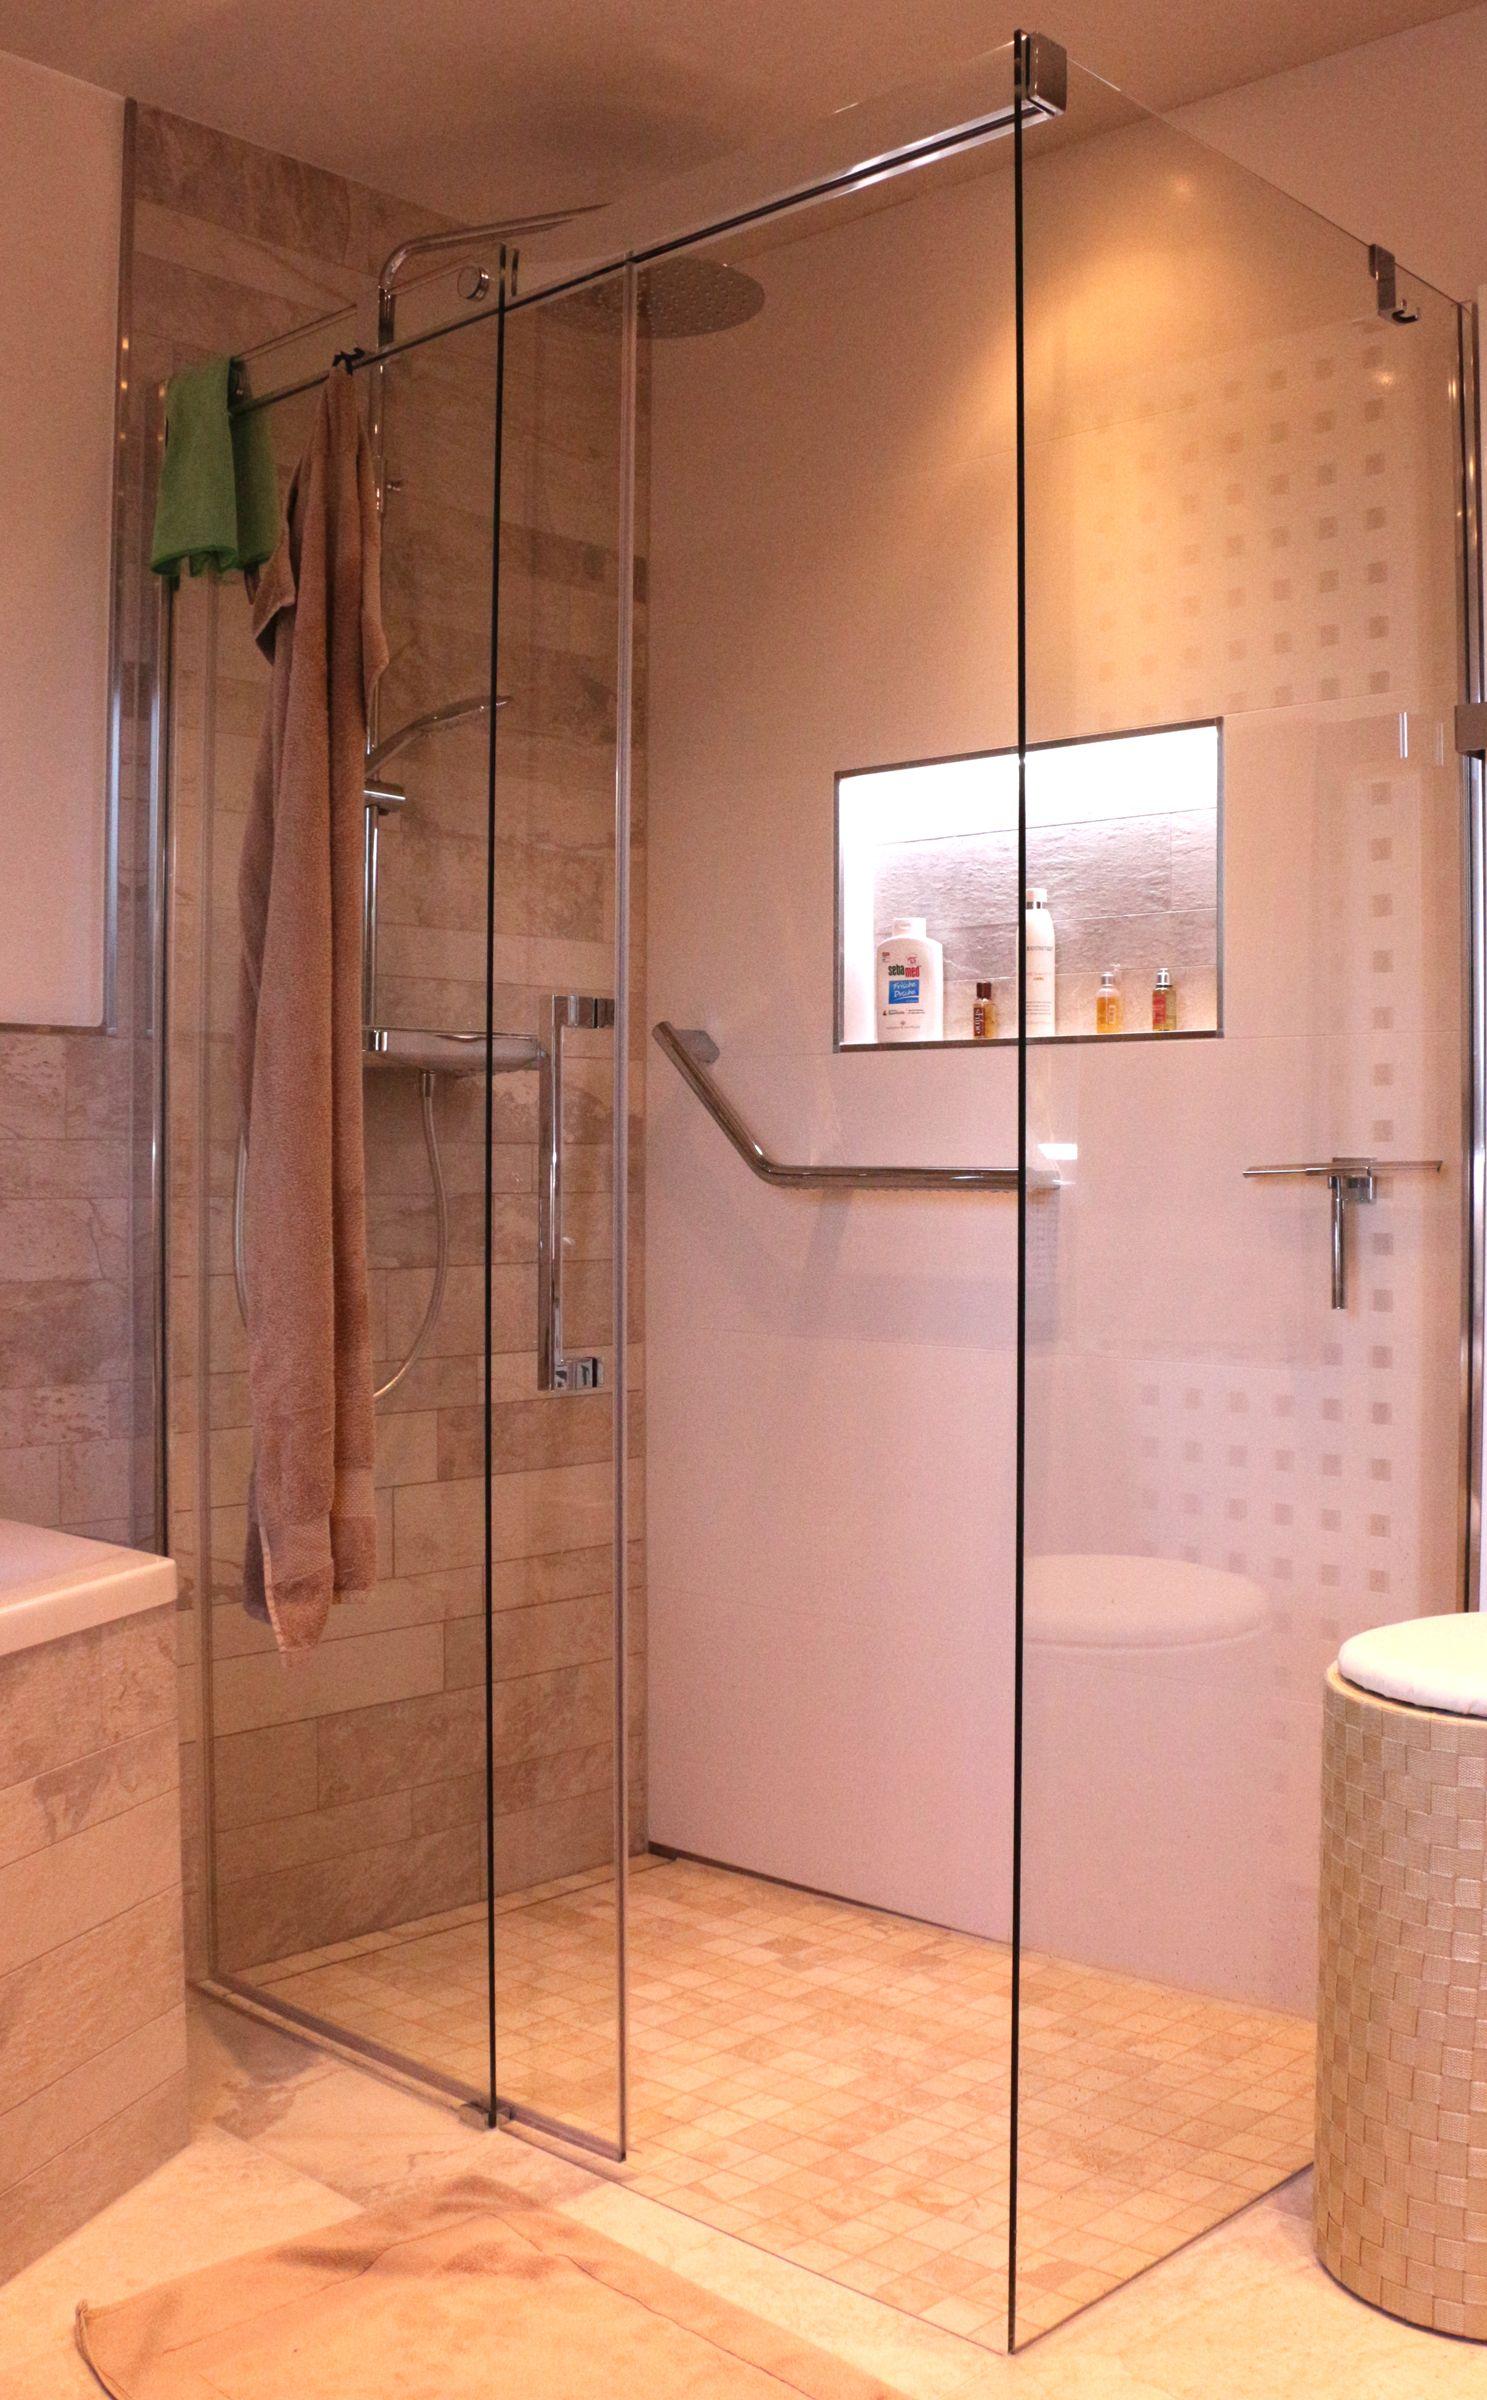 Eine Wandnische in der Dusche ist ein schöner Abstellplatz